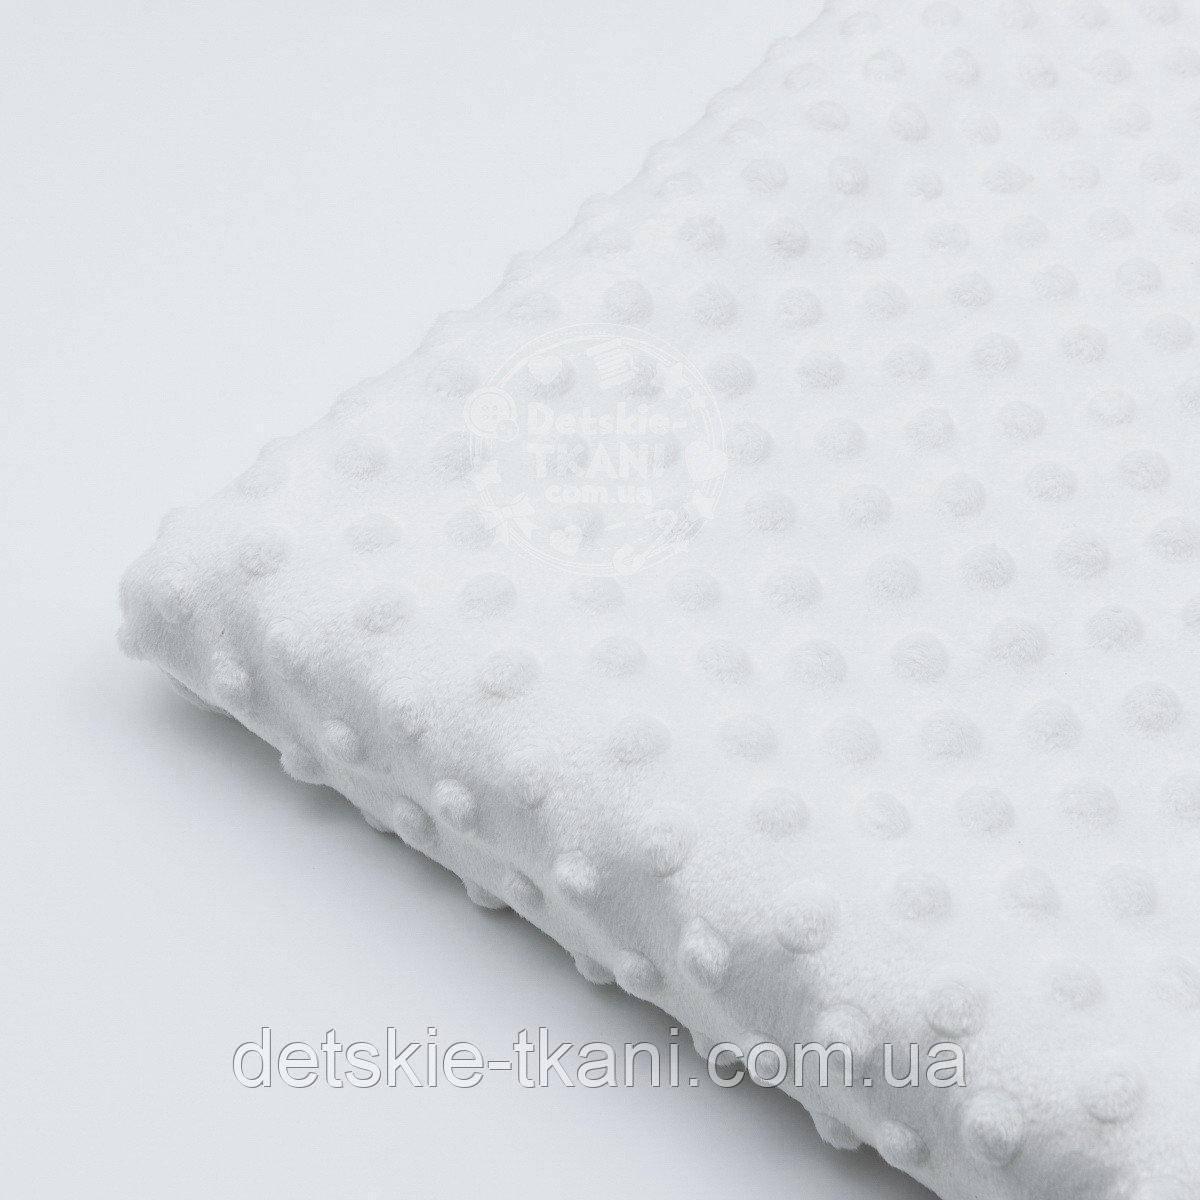 Два лоскута М-10плюша минки белого цвета, размер 40*45-25*50 см